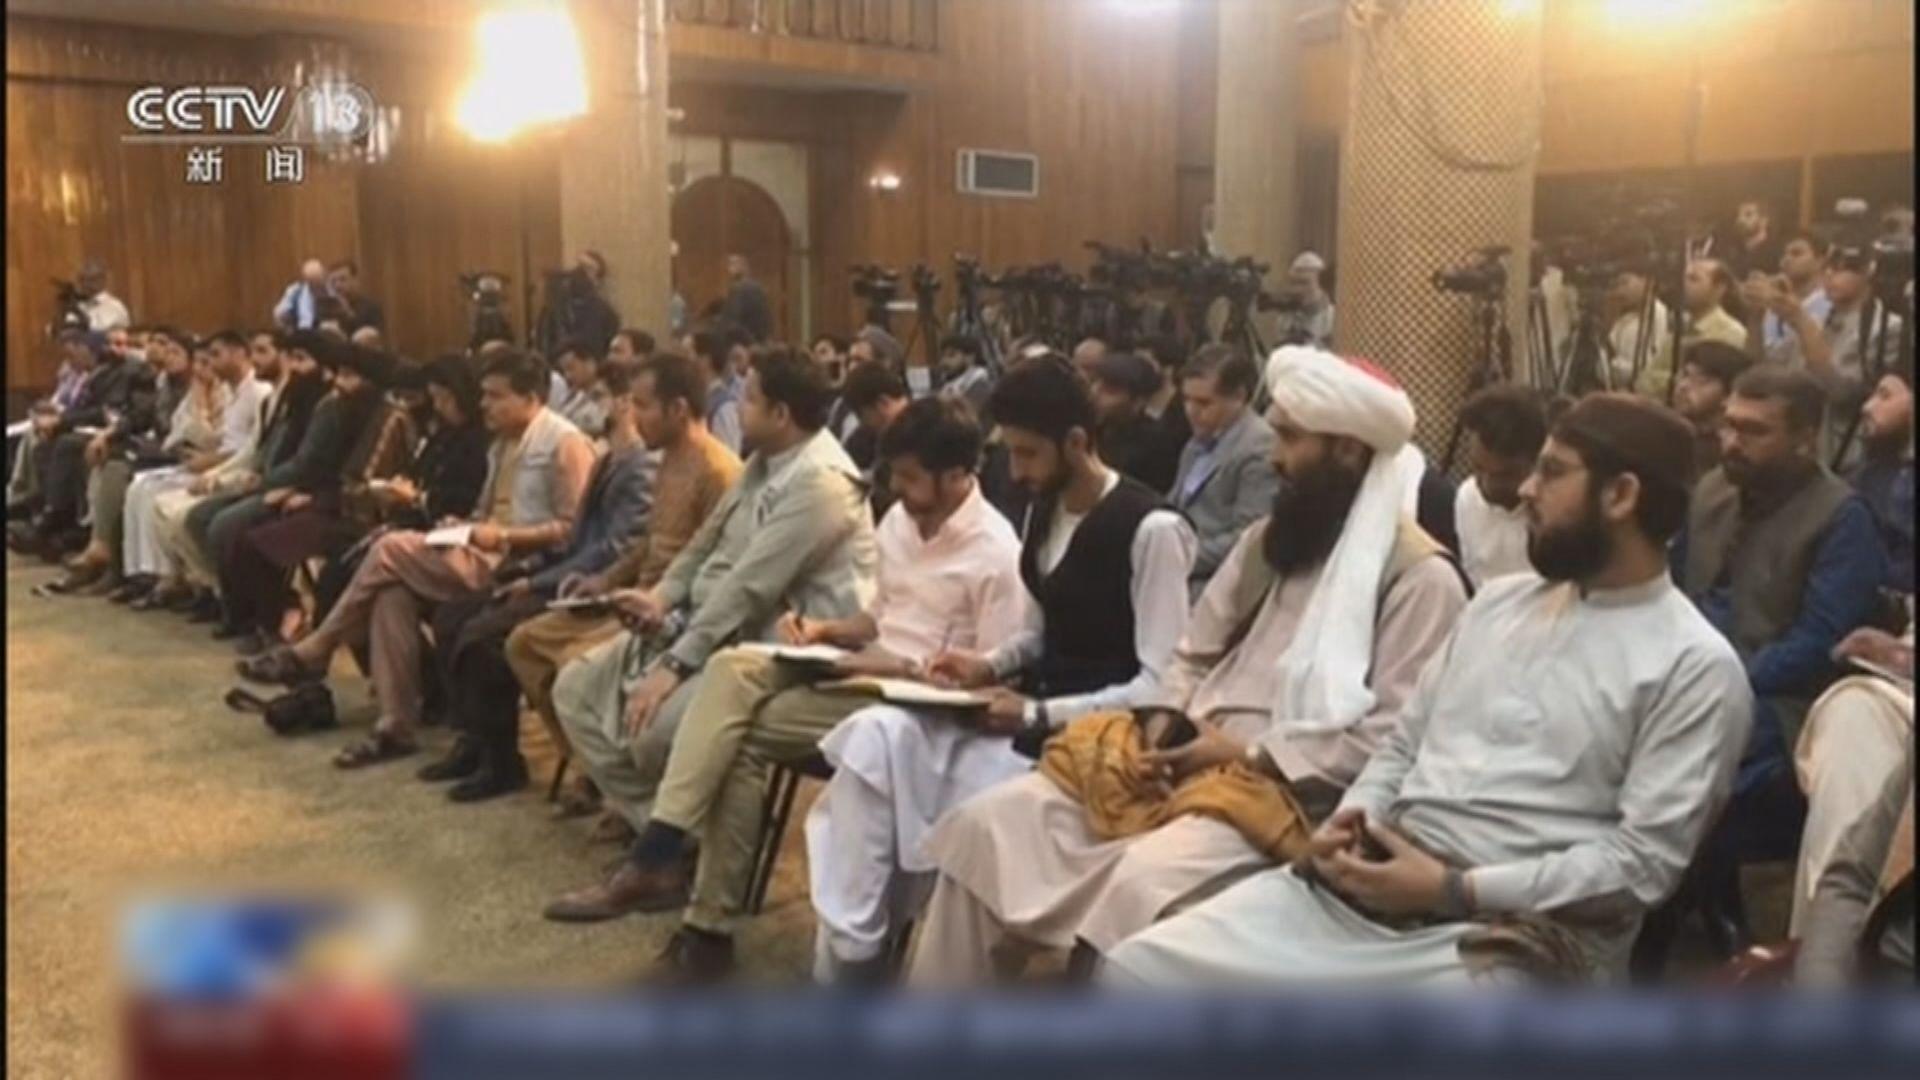 據報塔利班已為阿富汗各省區任命行政官員